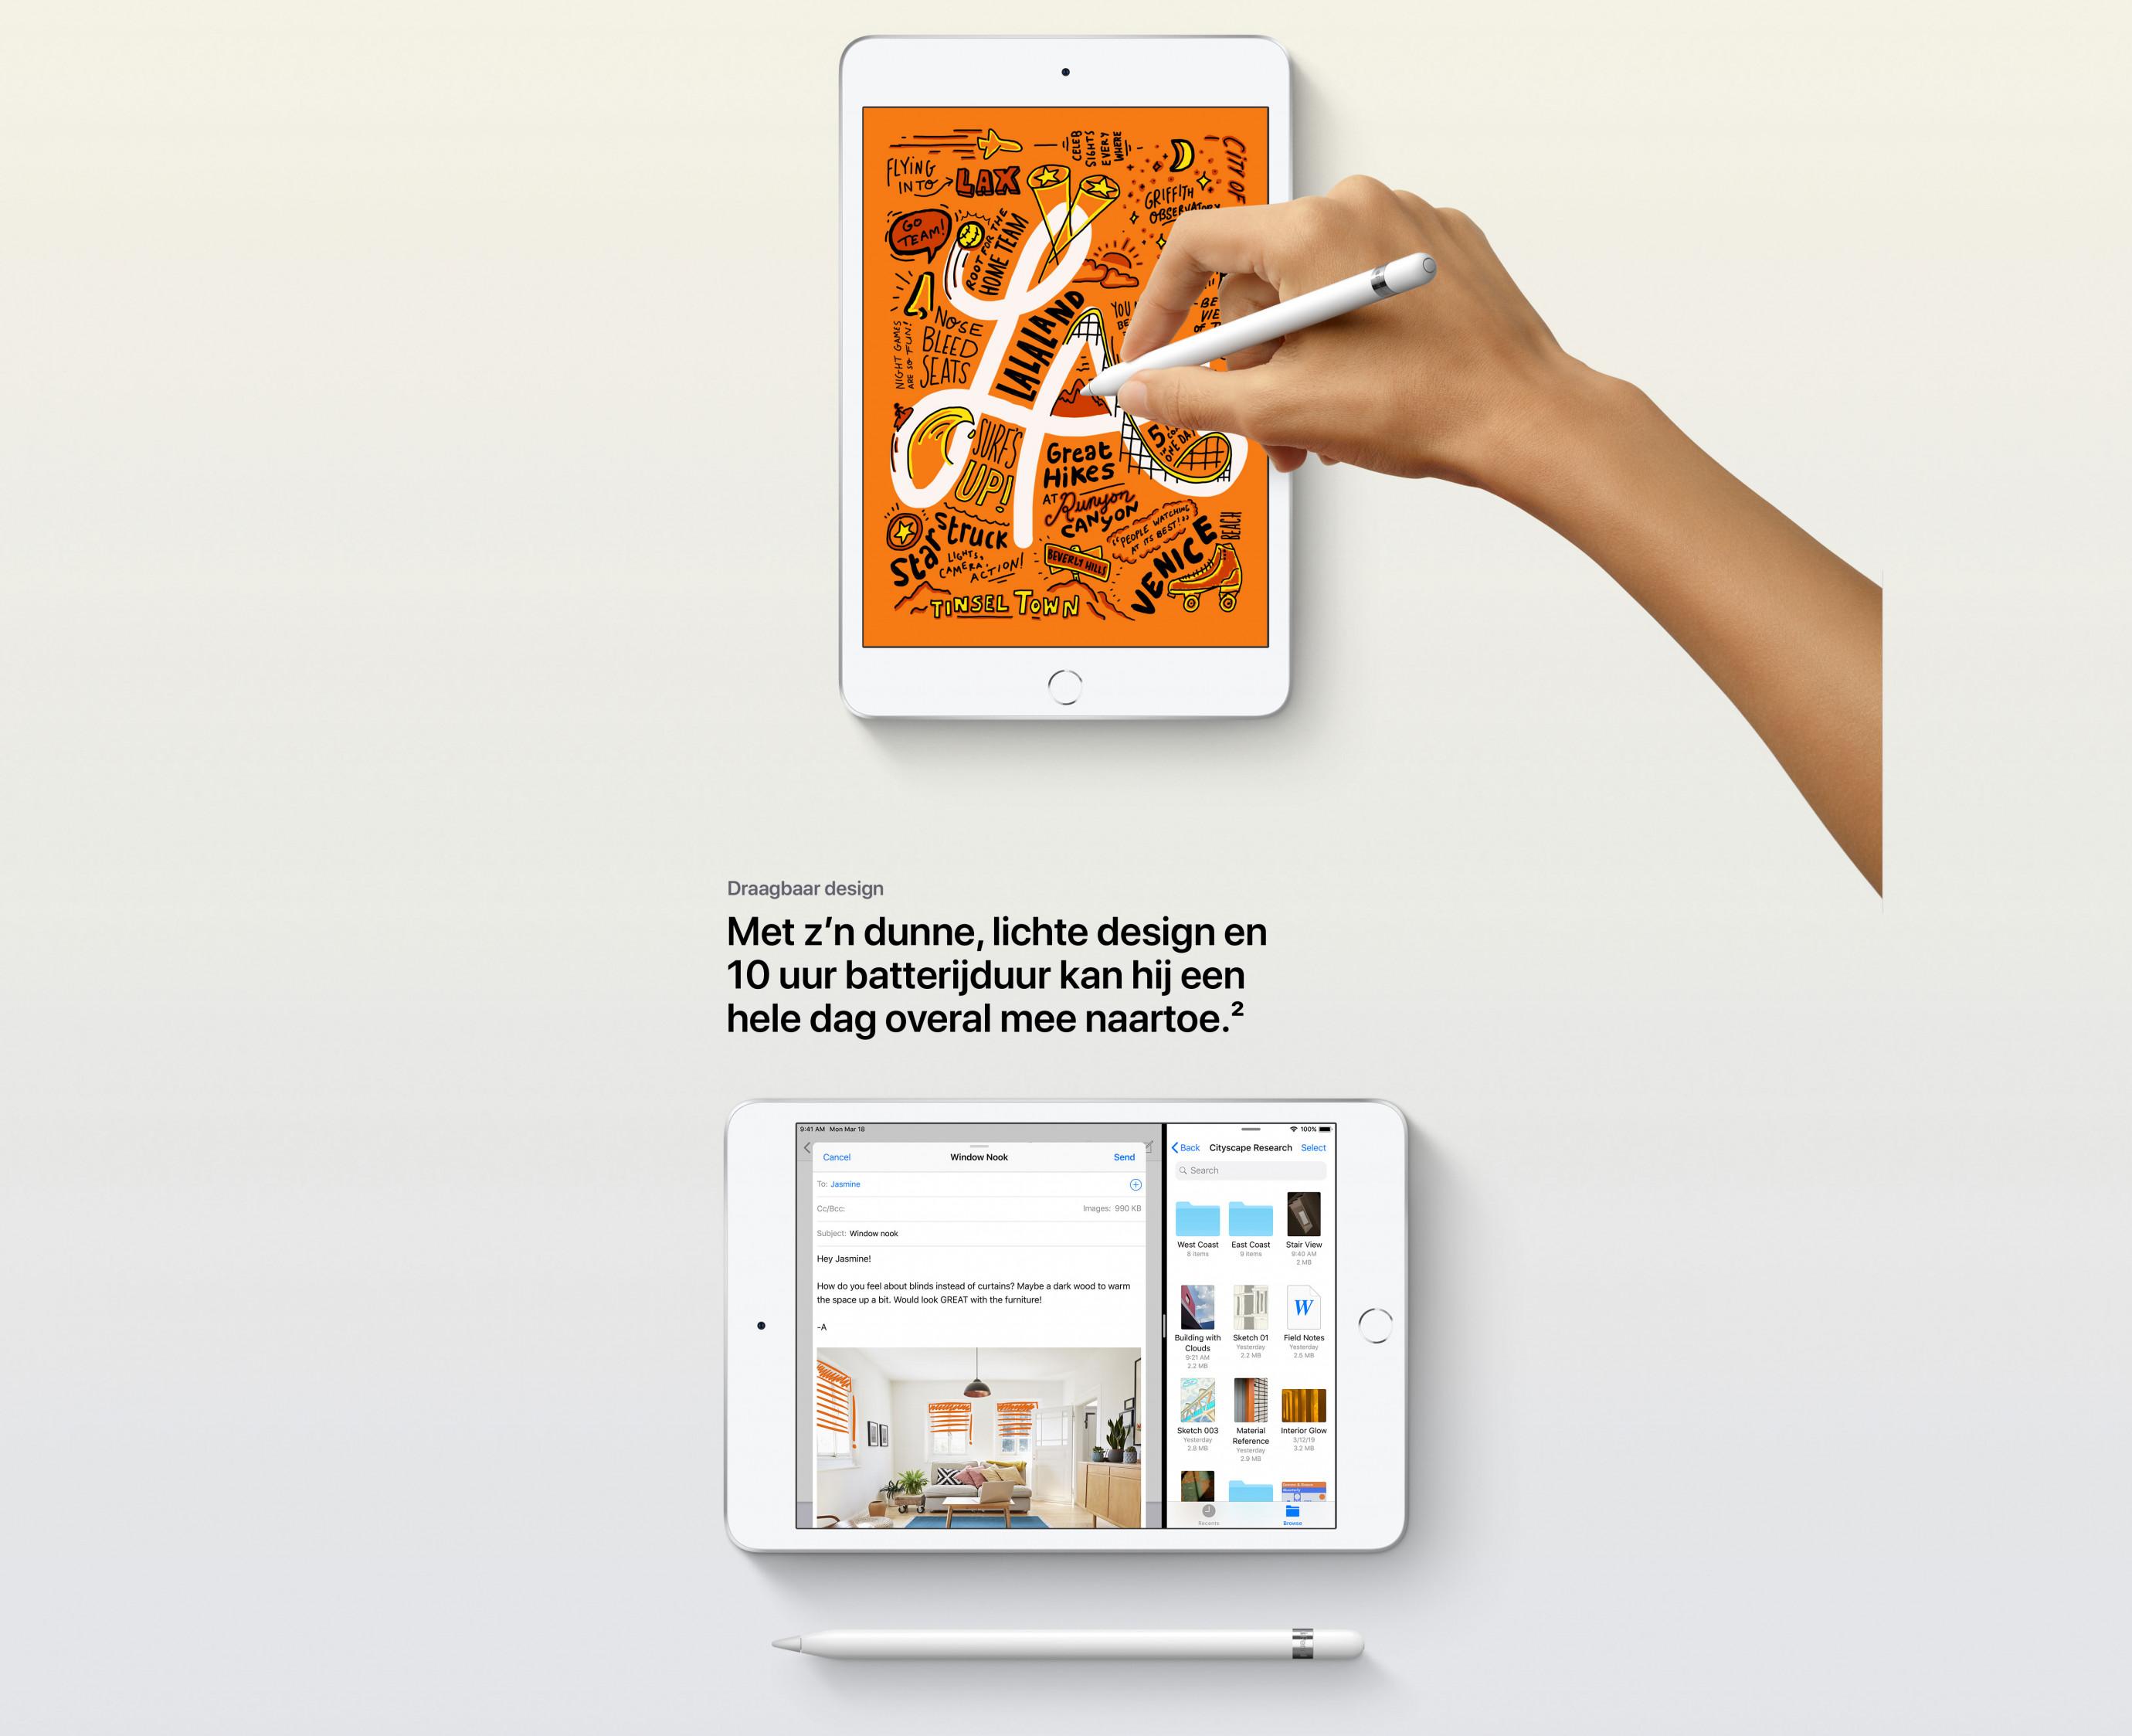 Productpage---iPad-Mini-2019-nl_05.jpg